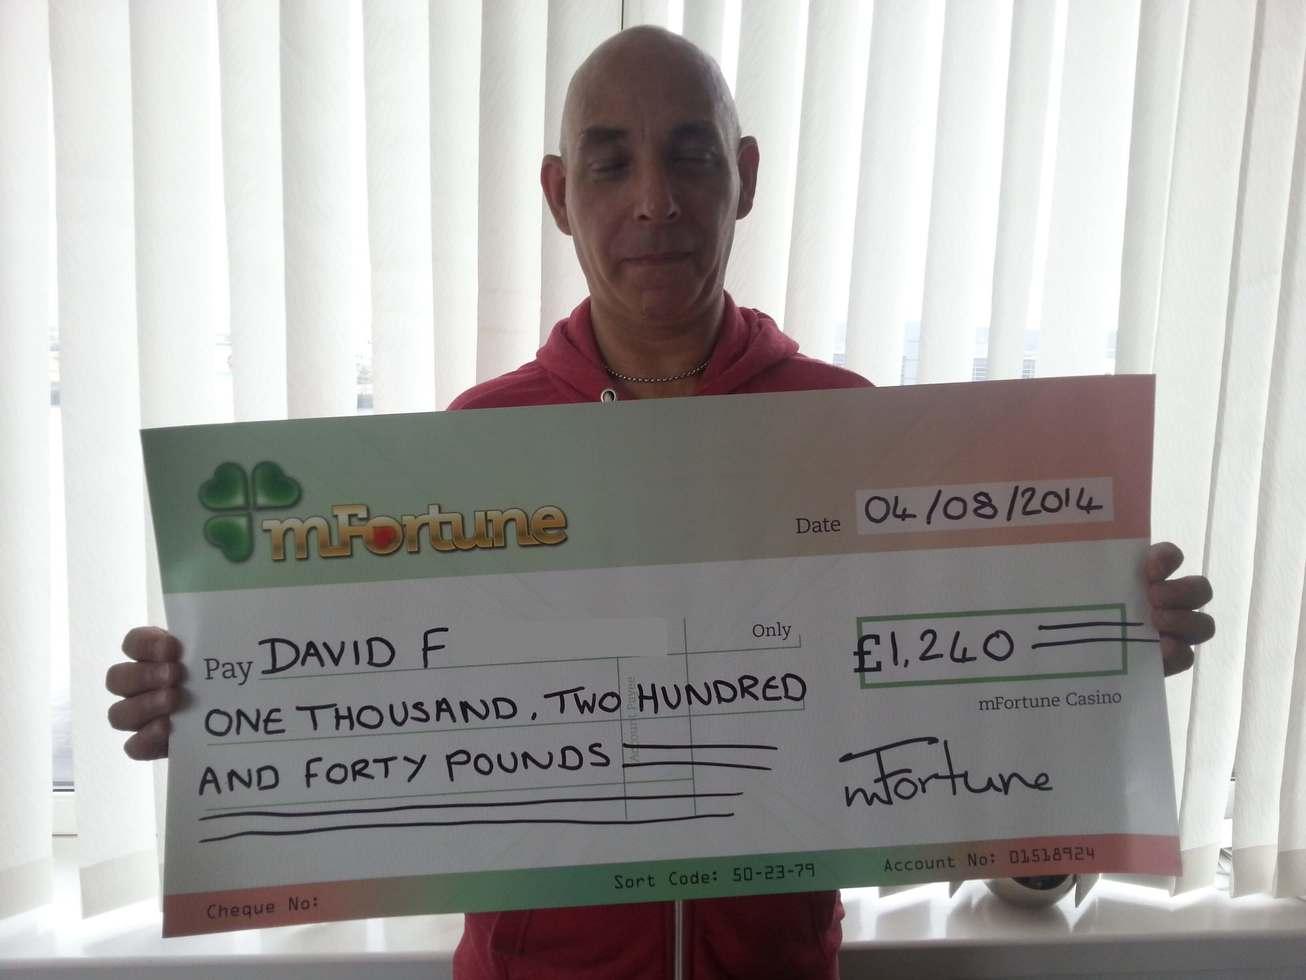 David F won £ 1,240